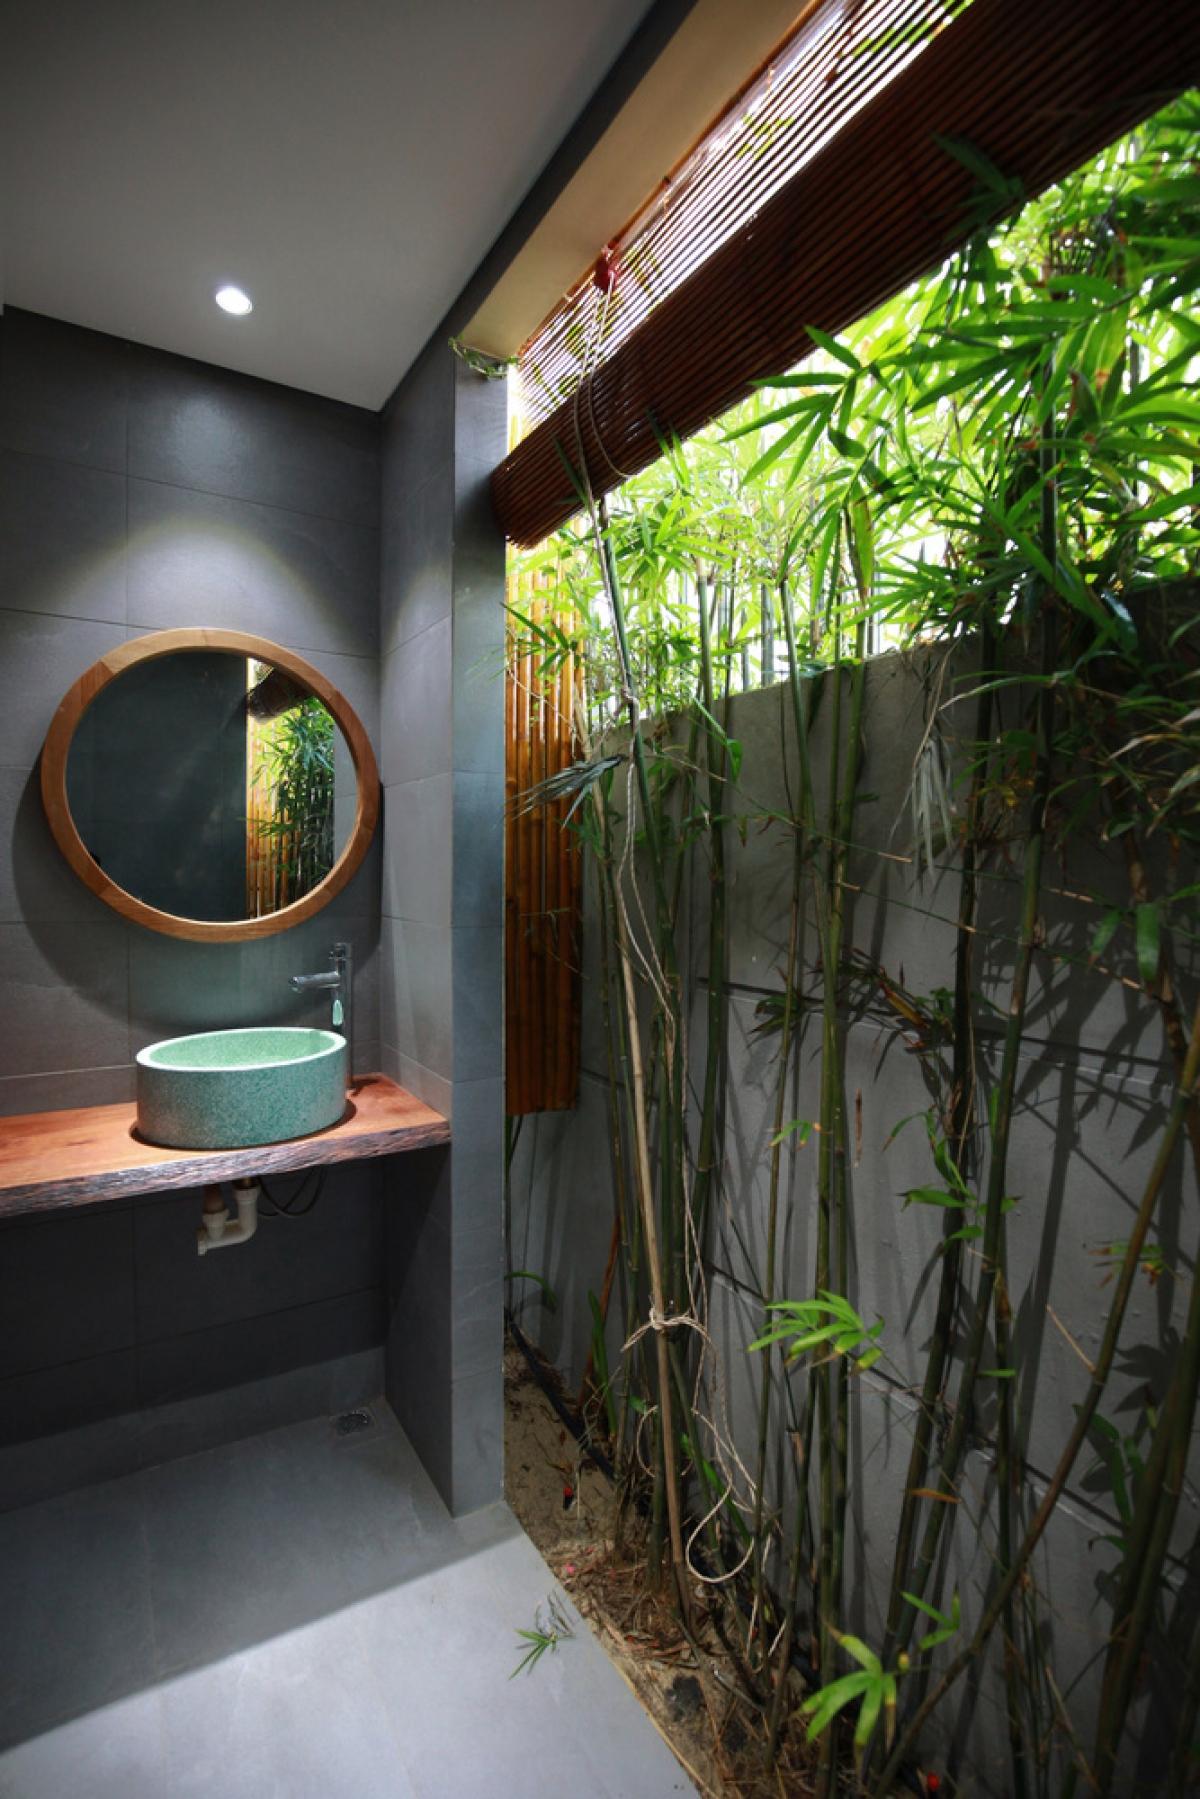 Phòng tắm mở, mang đến cảm giác gần gũi.